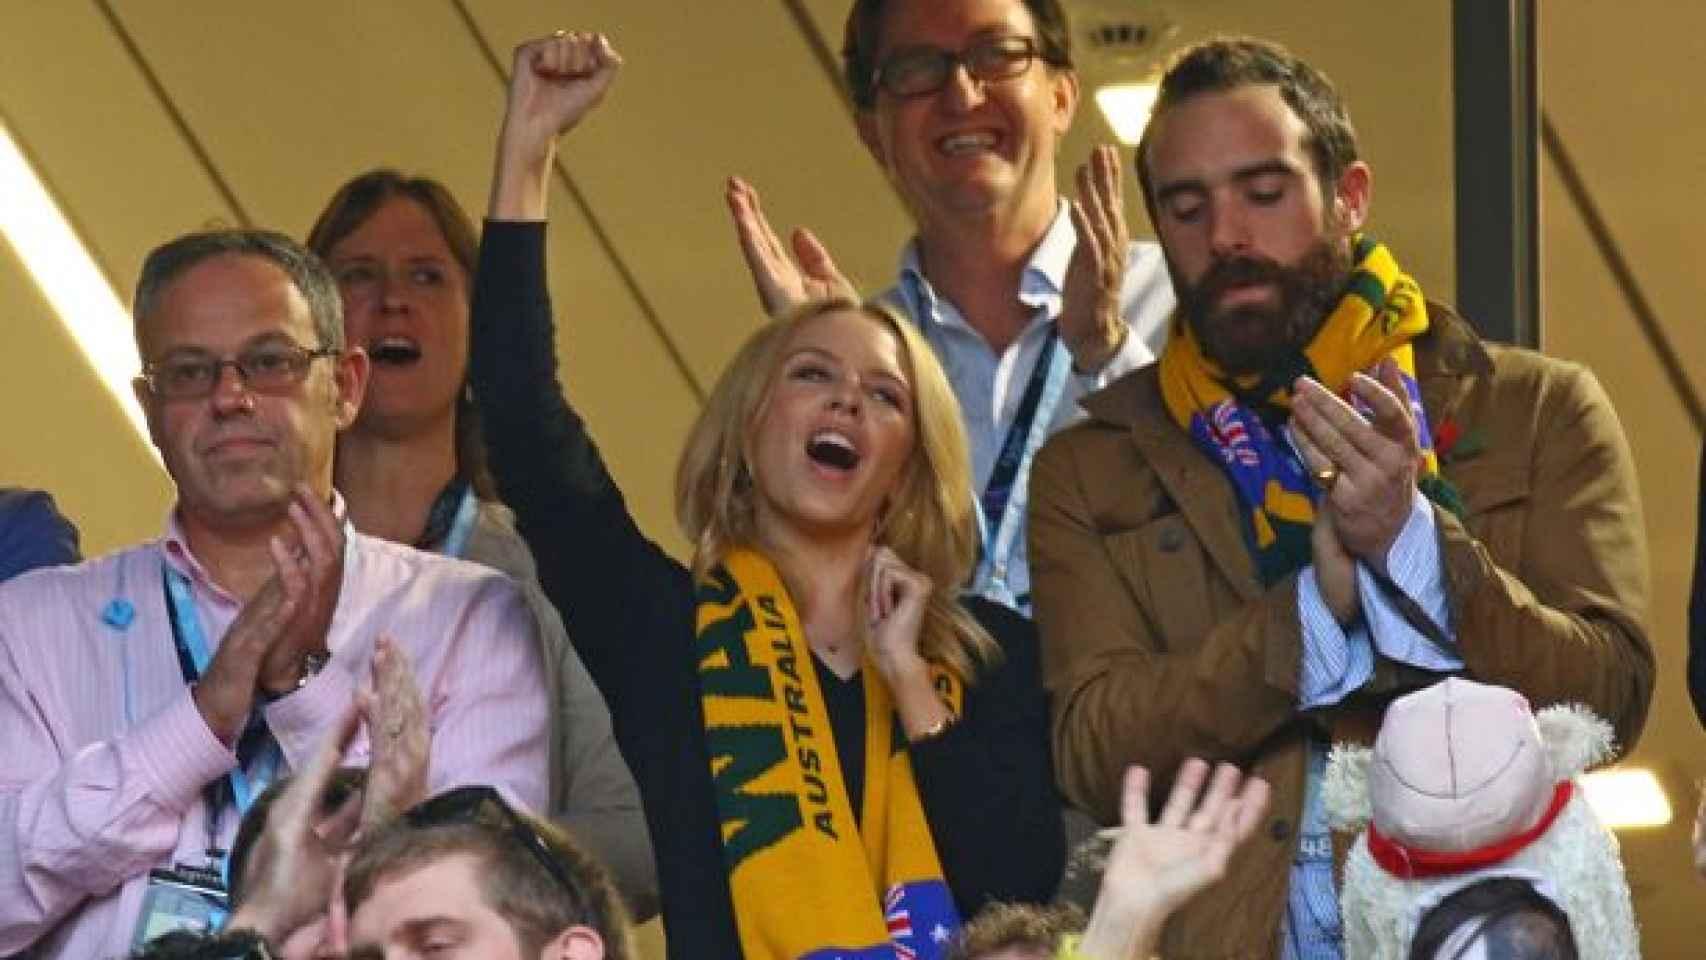 Kylie-Minogue animando a los Wallabies en la final del mundo de rugby